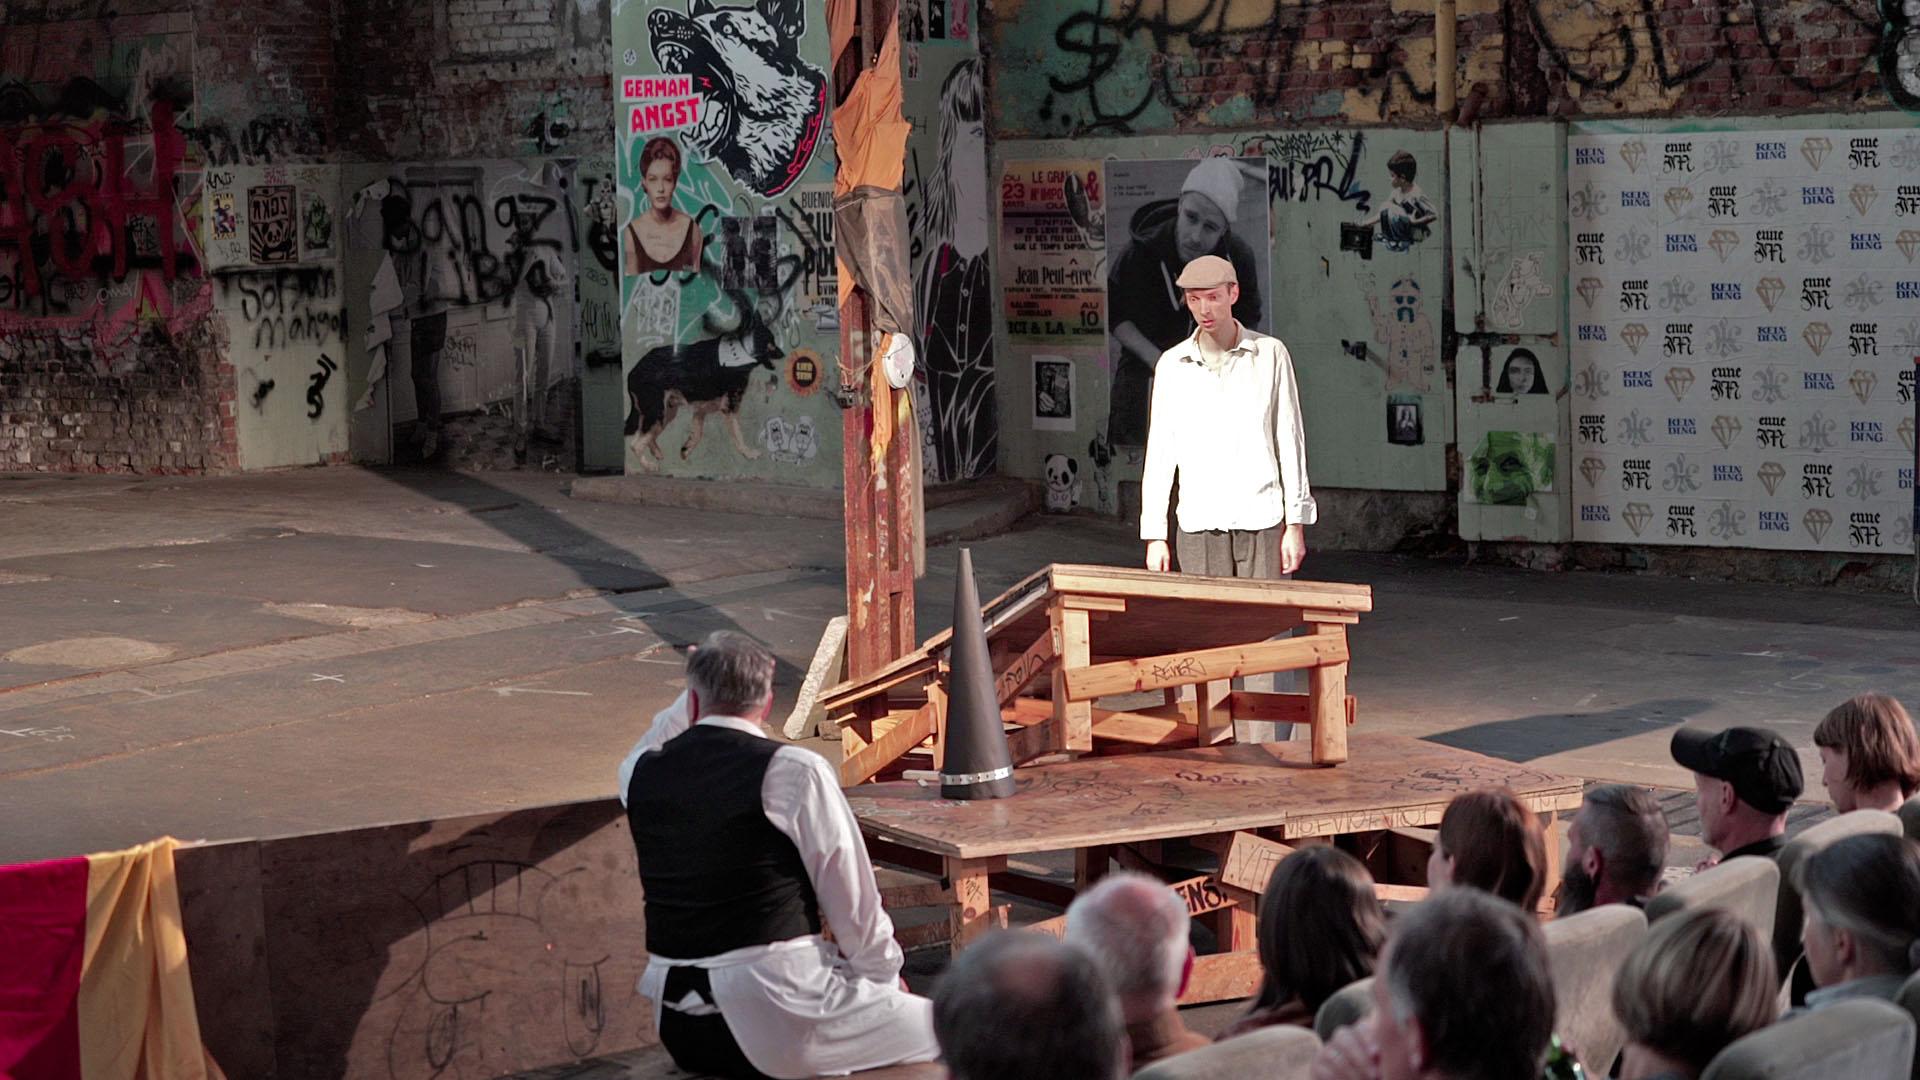 TheaterAdolfSüdknecht AdolfSüdknecht DieSeifenoper Improschau 31082018 Feinkost Sommertheater